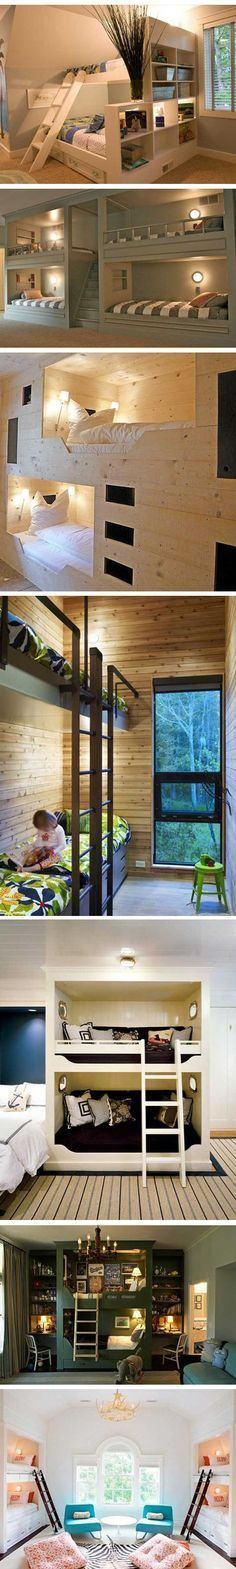 cool-bunk-beds-pillow-rooms